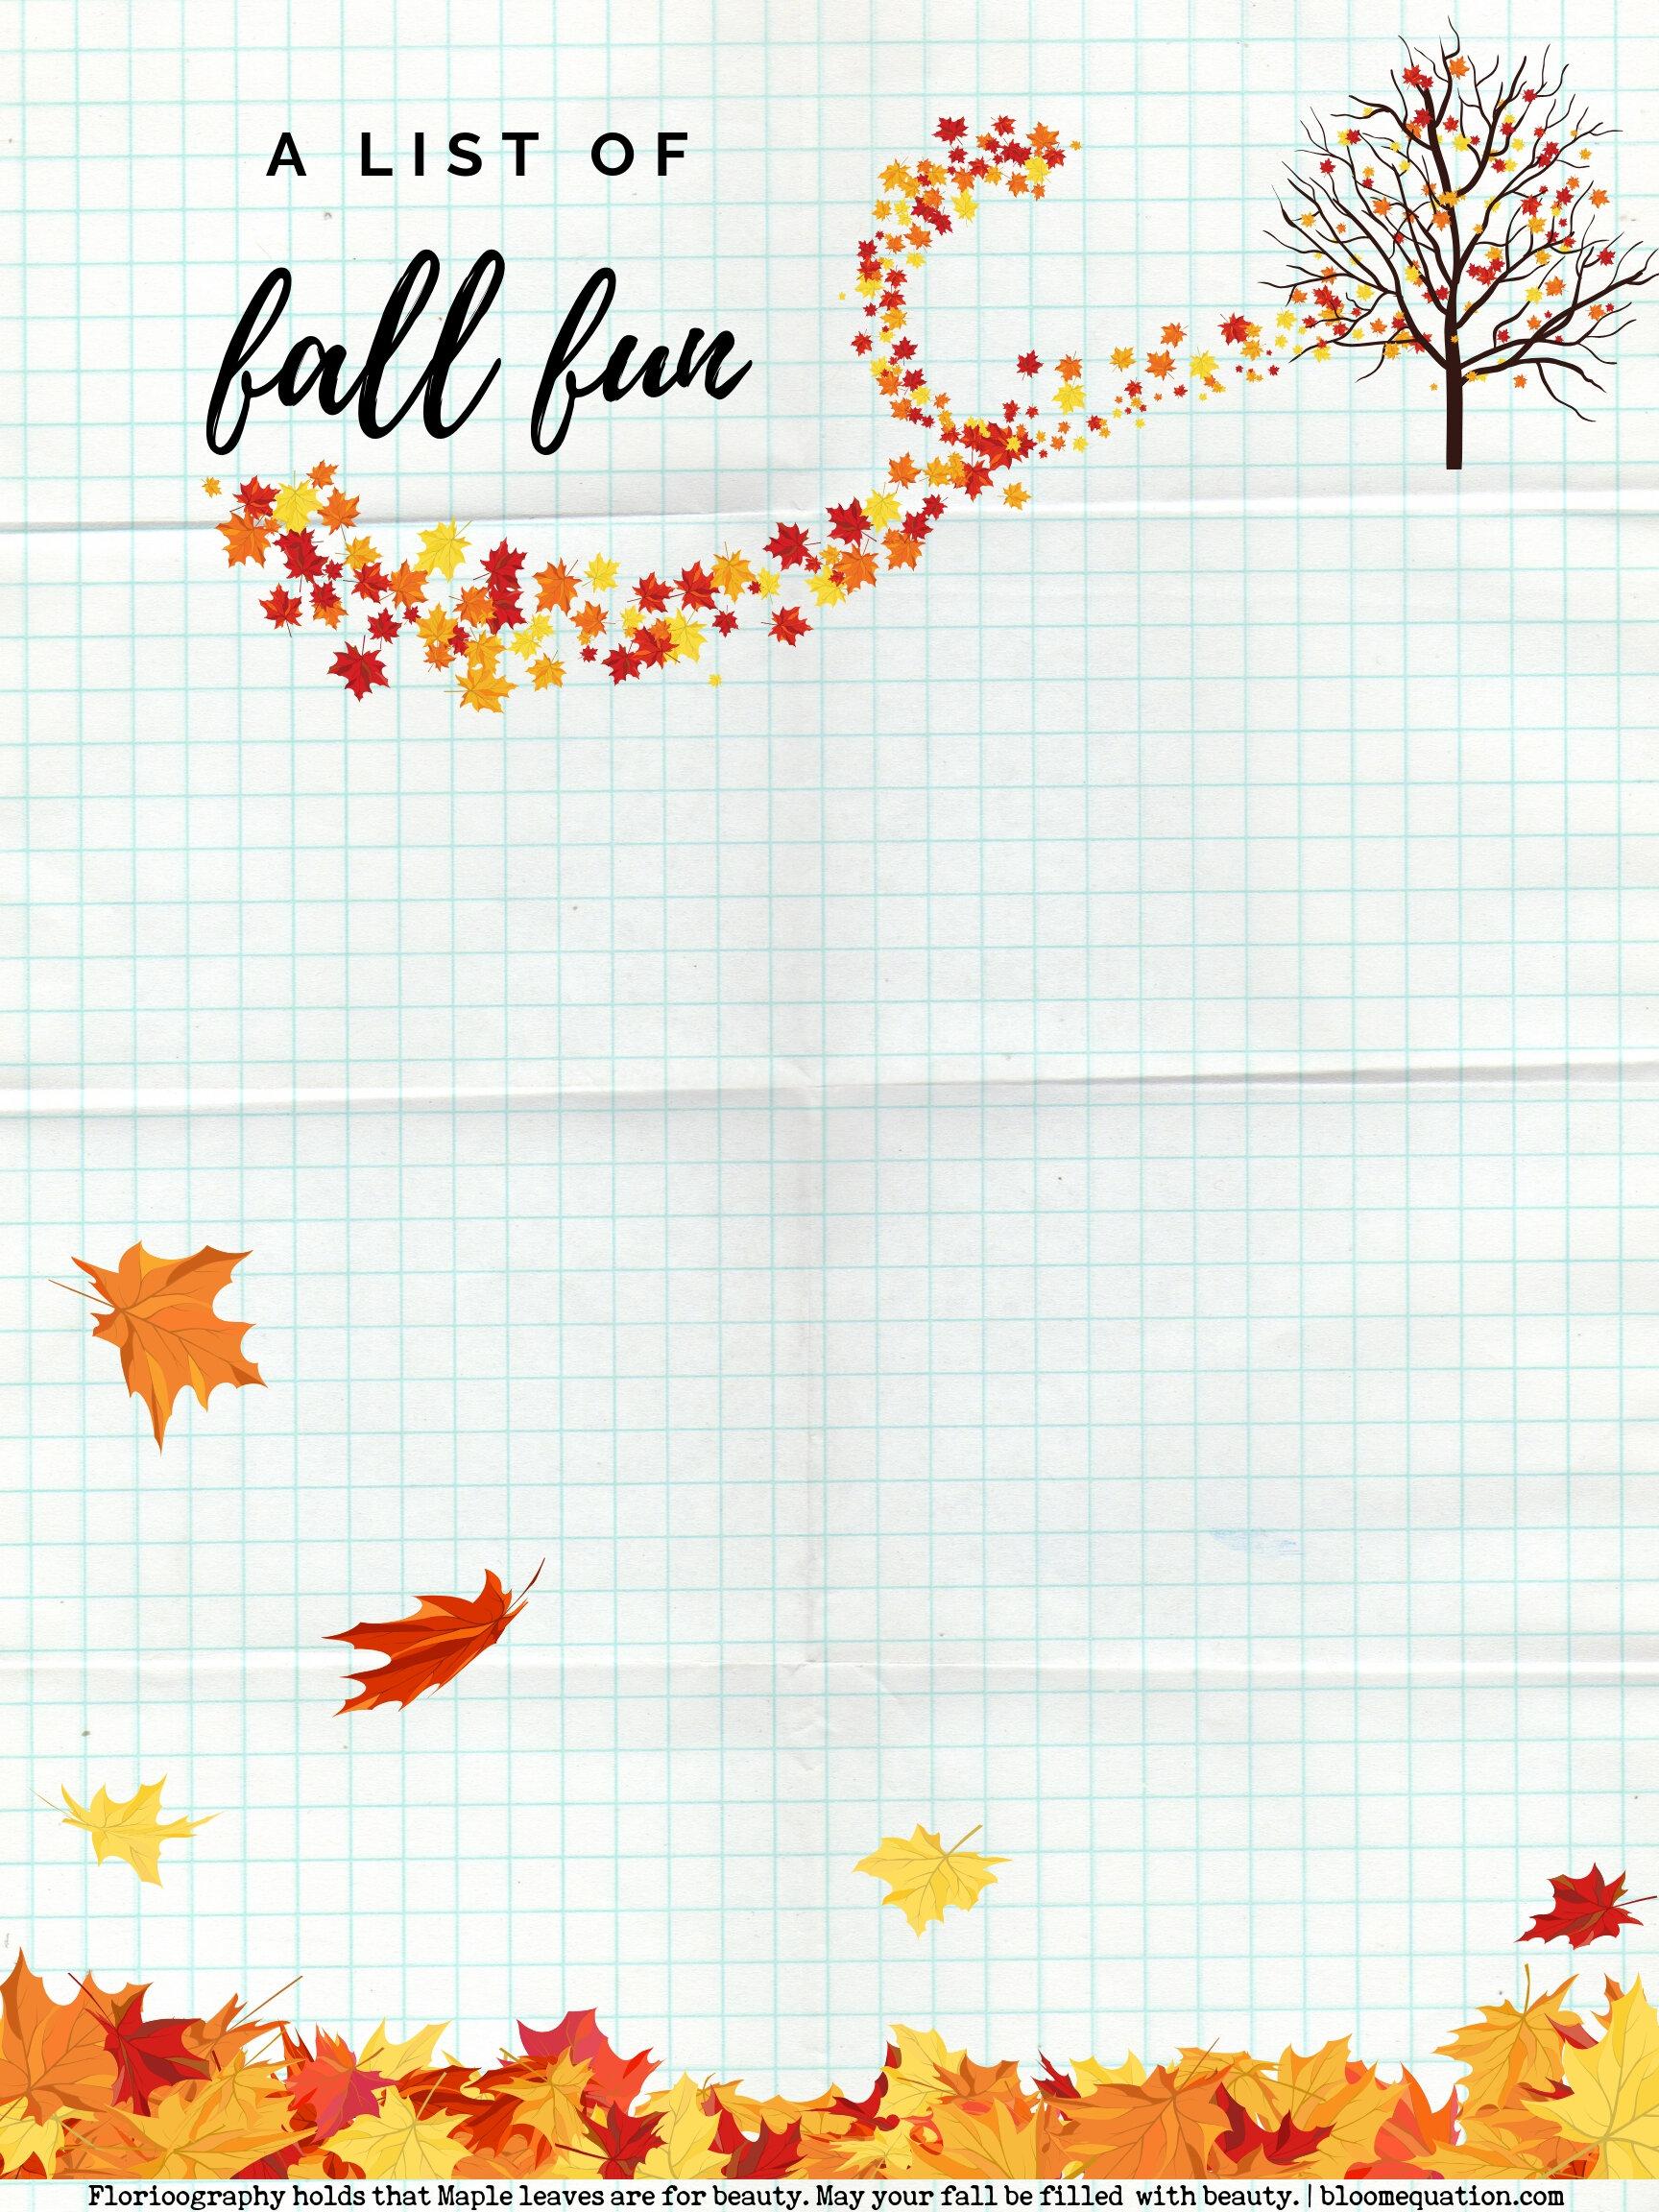 fall fun (2).jpg